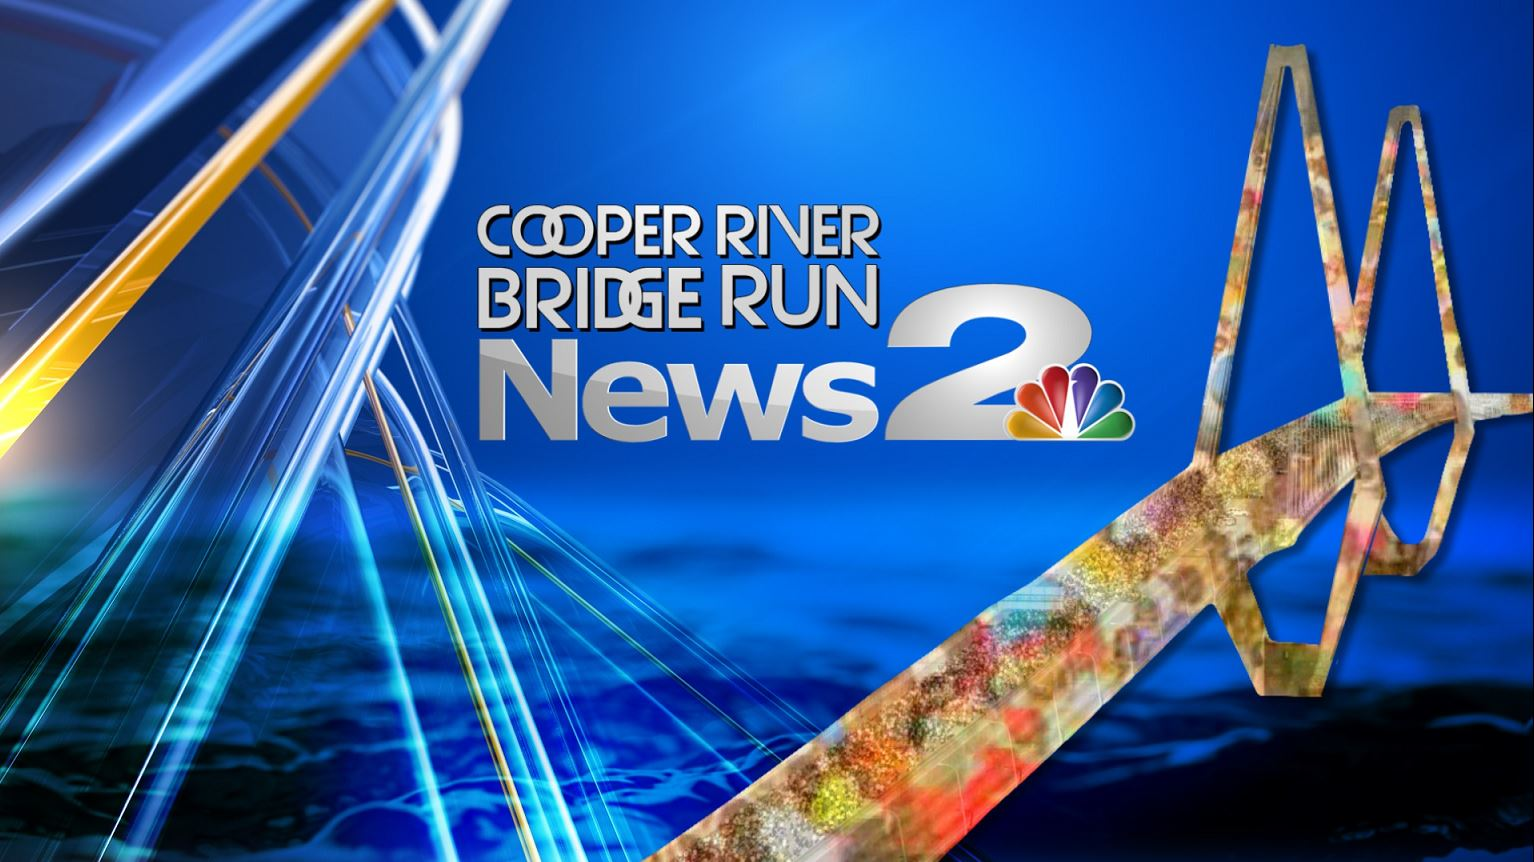 News 2 Bridge Run_1522955597737.JPG.jpg